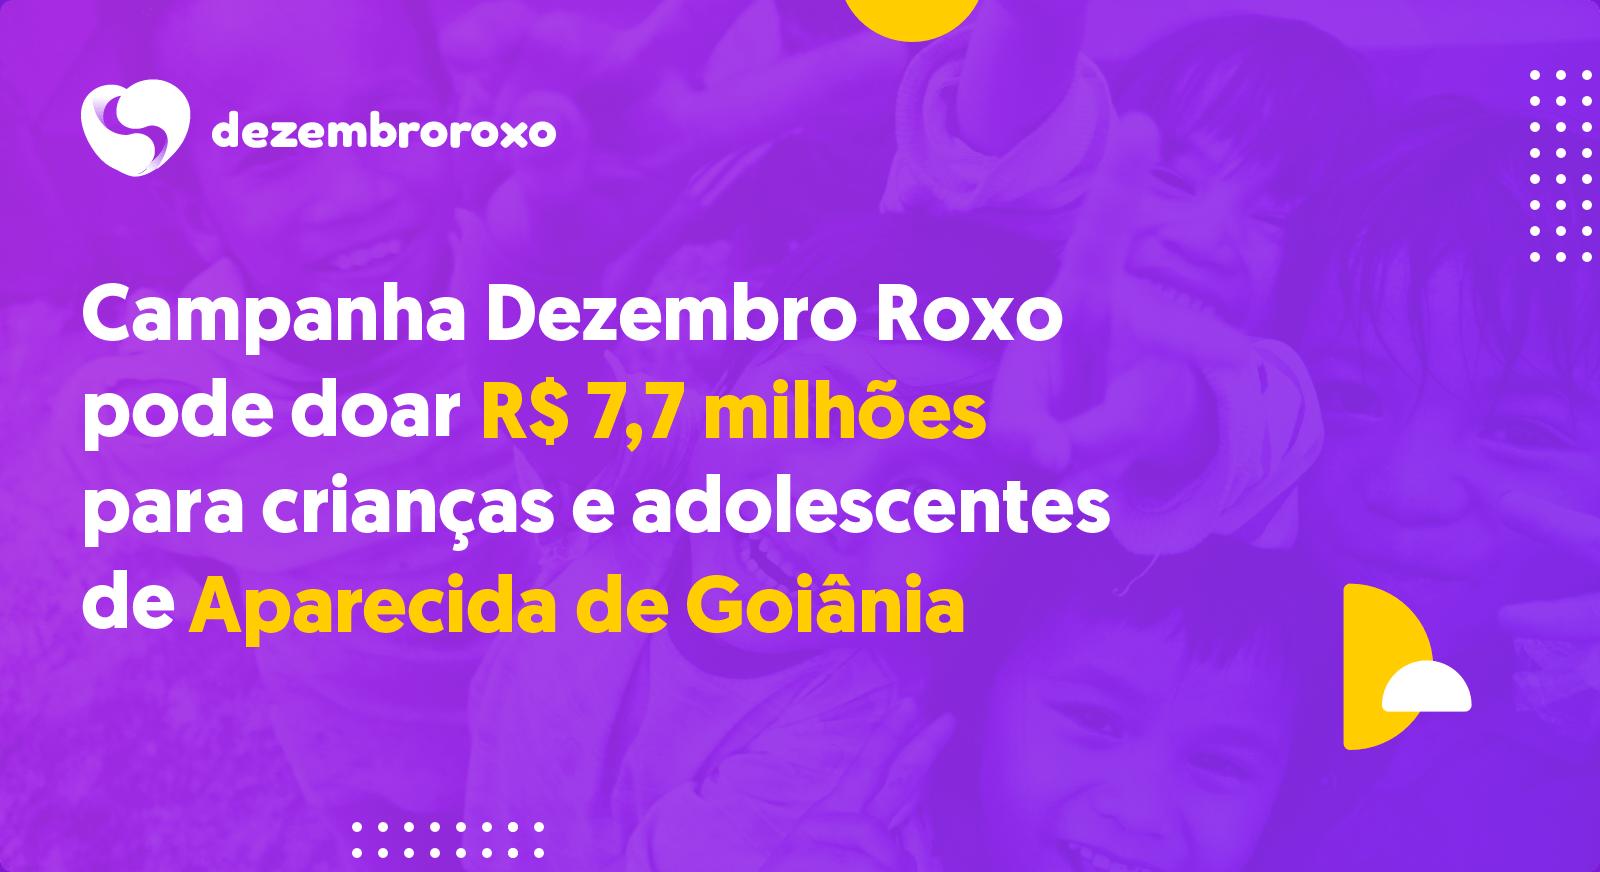 Doações em Aparecida de Goiânia - GO